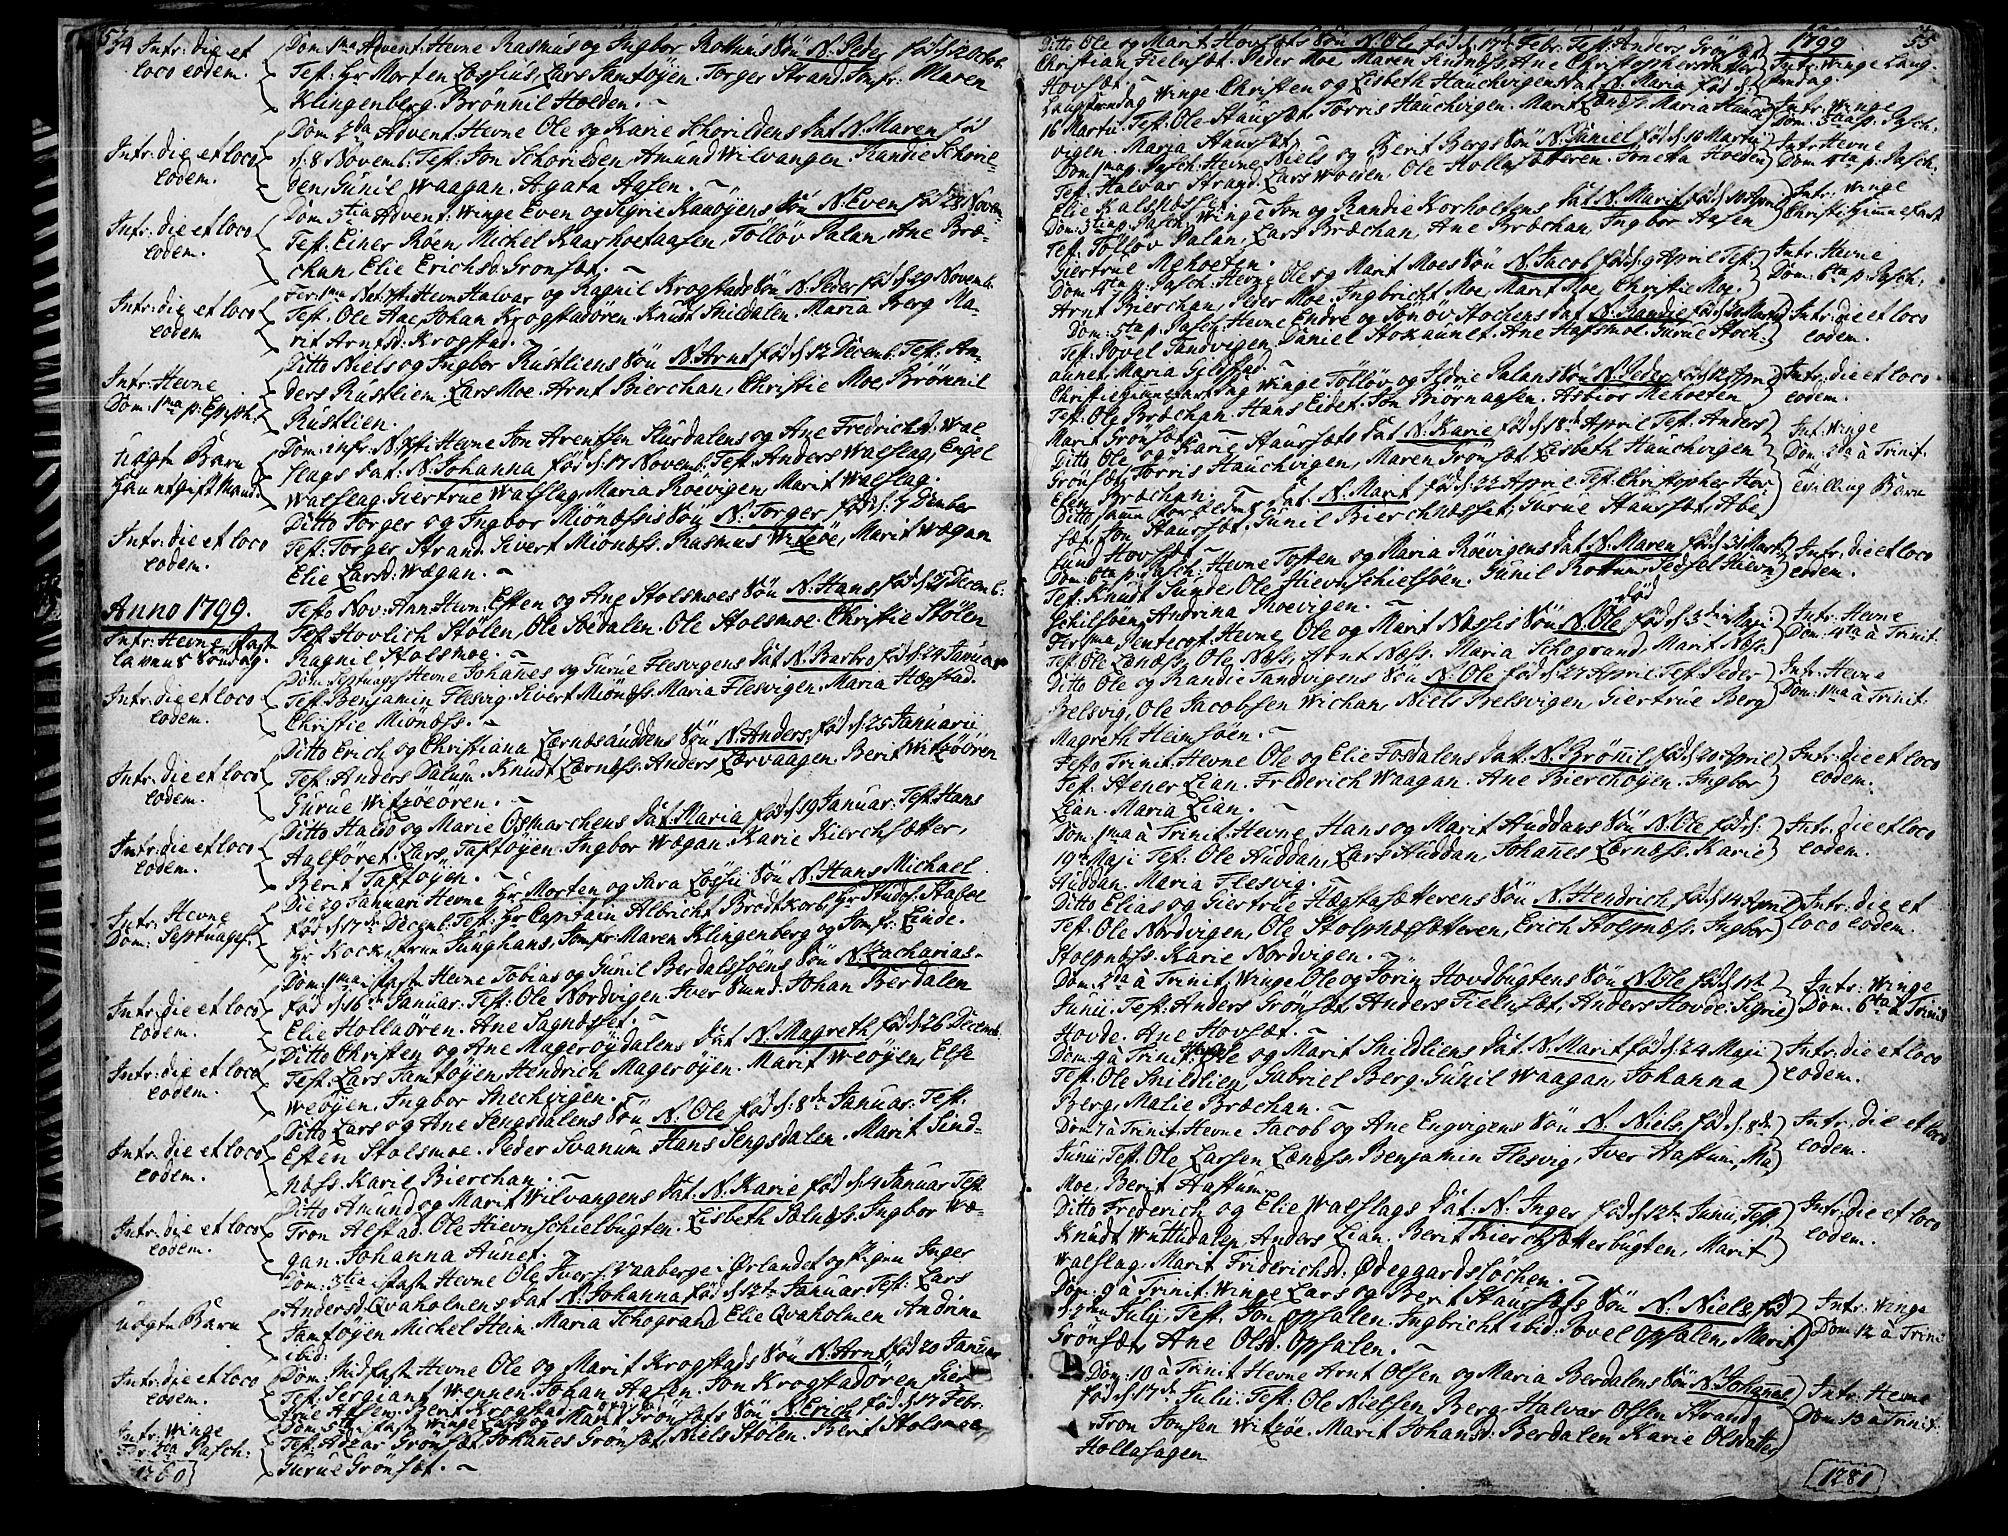 SAT, Ministerialprotokoller, klokkerbøker og fødselsregistre - Sør-Trøndelag, 630/L0490: Ministerialbok nr. 630A03, 1795-1818, s. 54-55